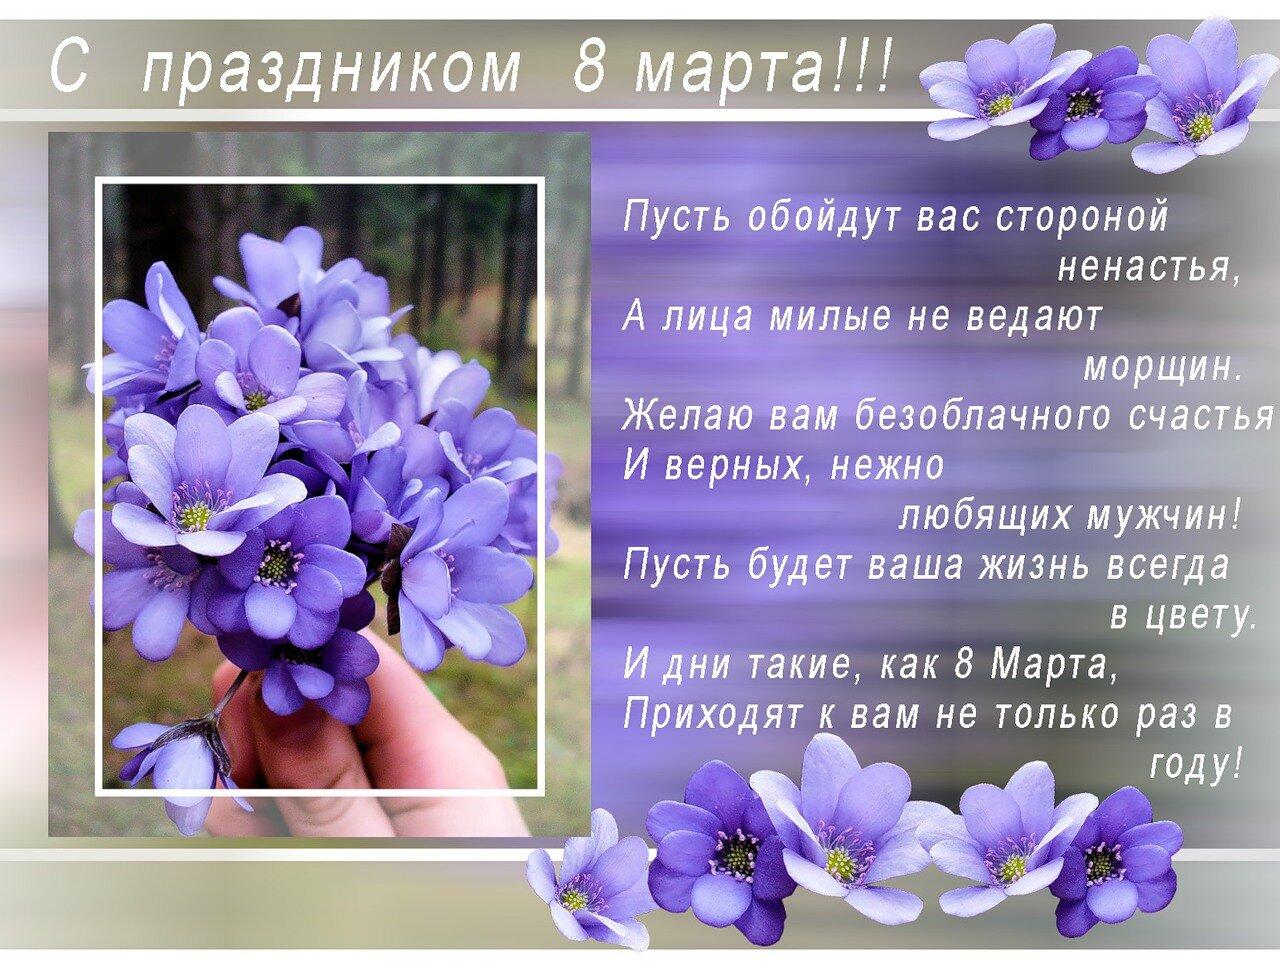 Шуточные поздравления с марта